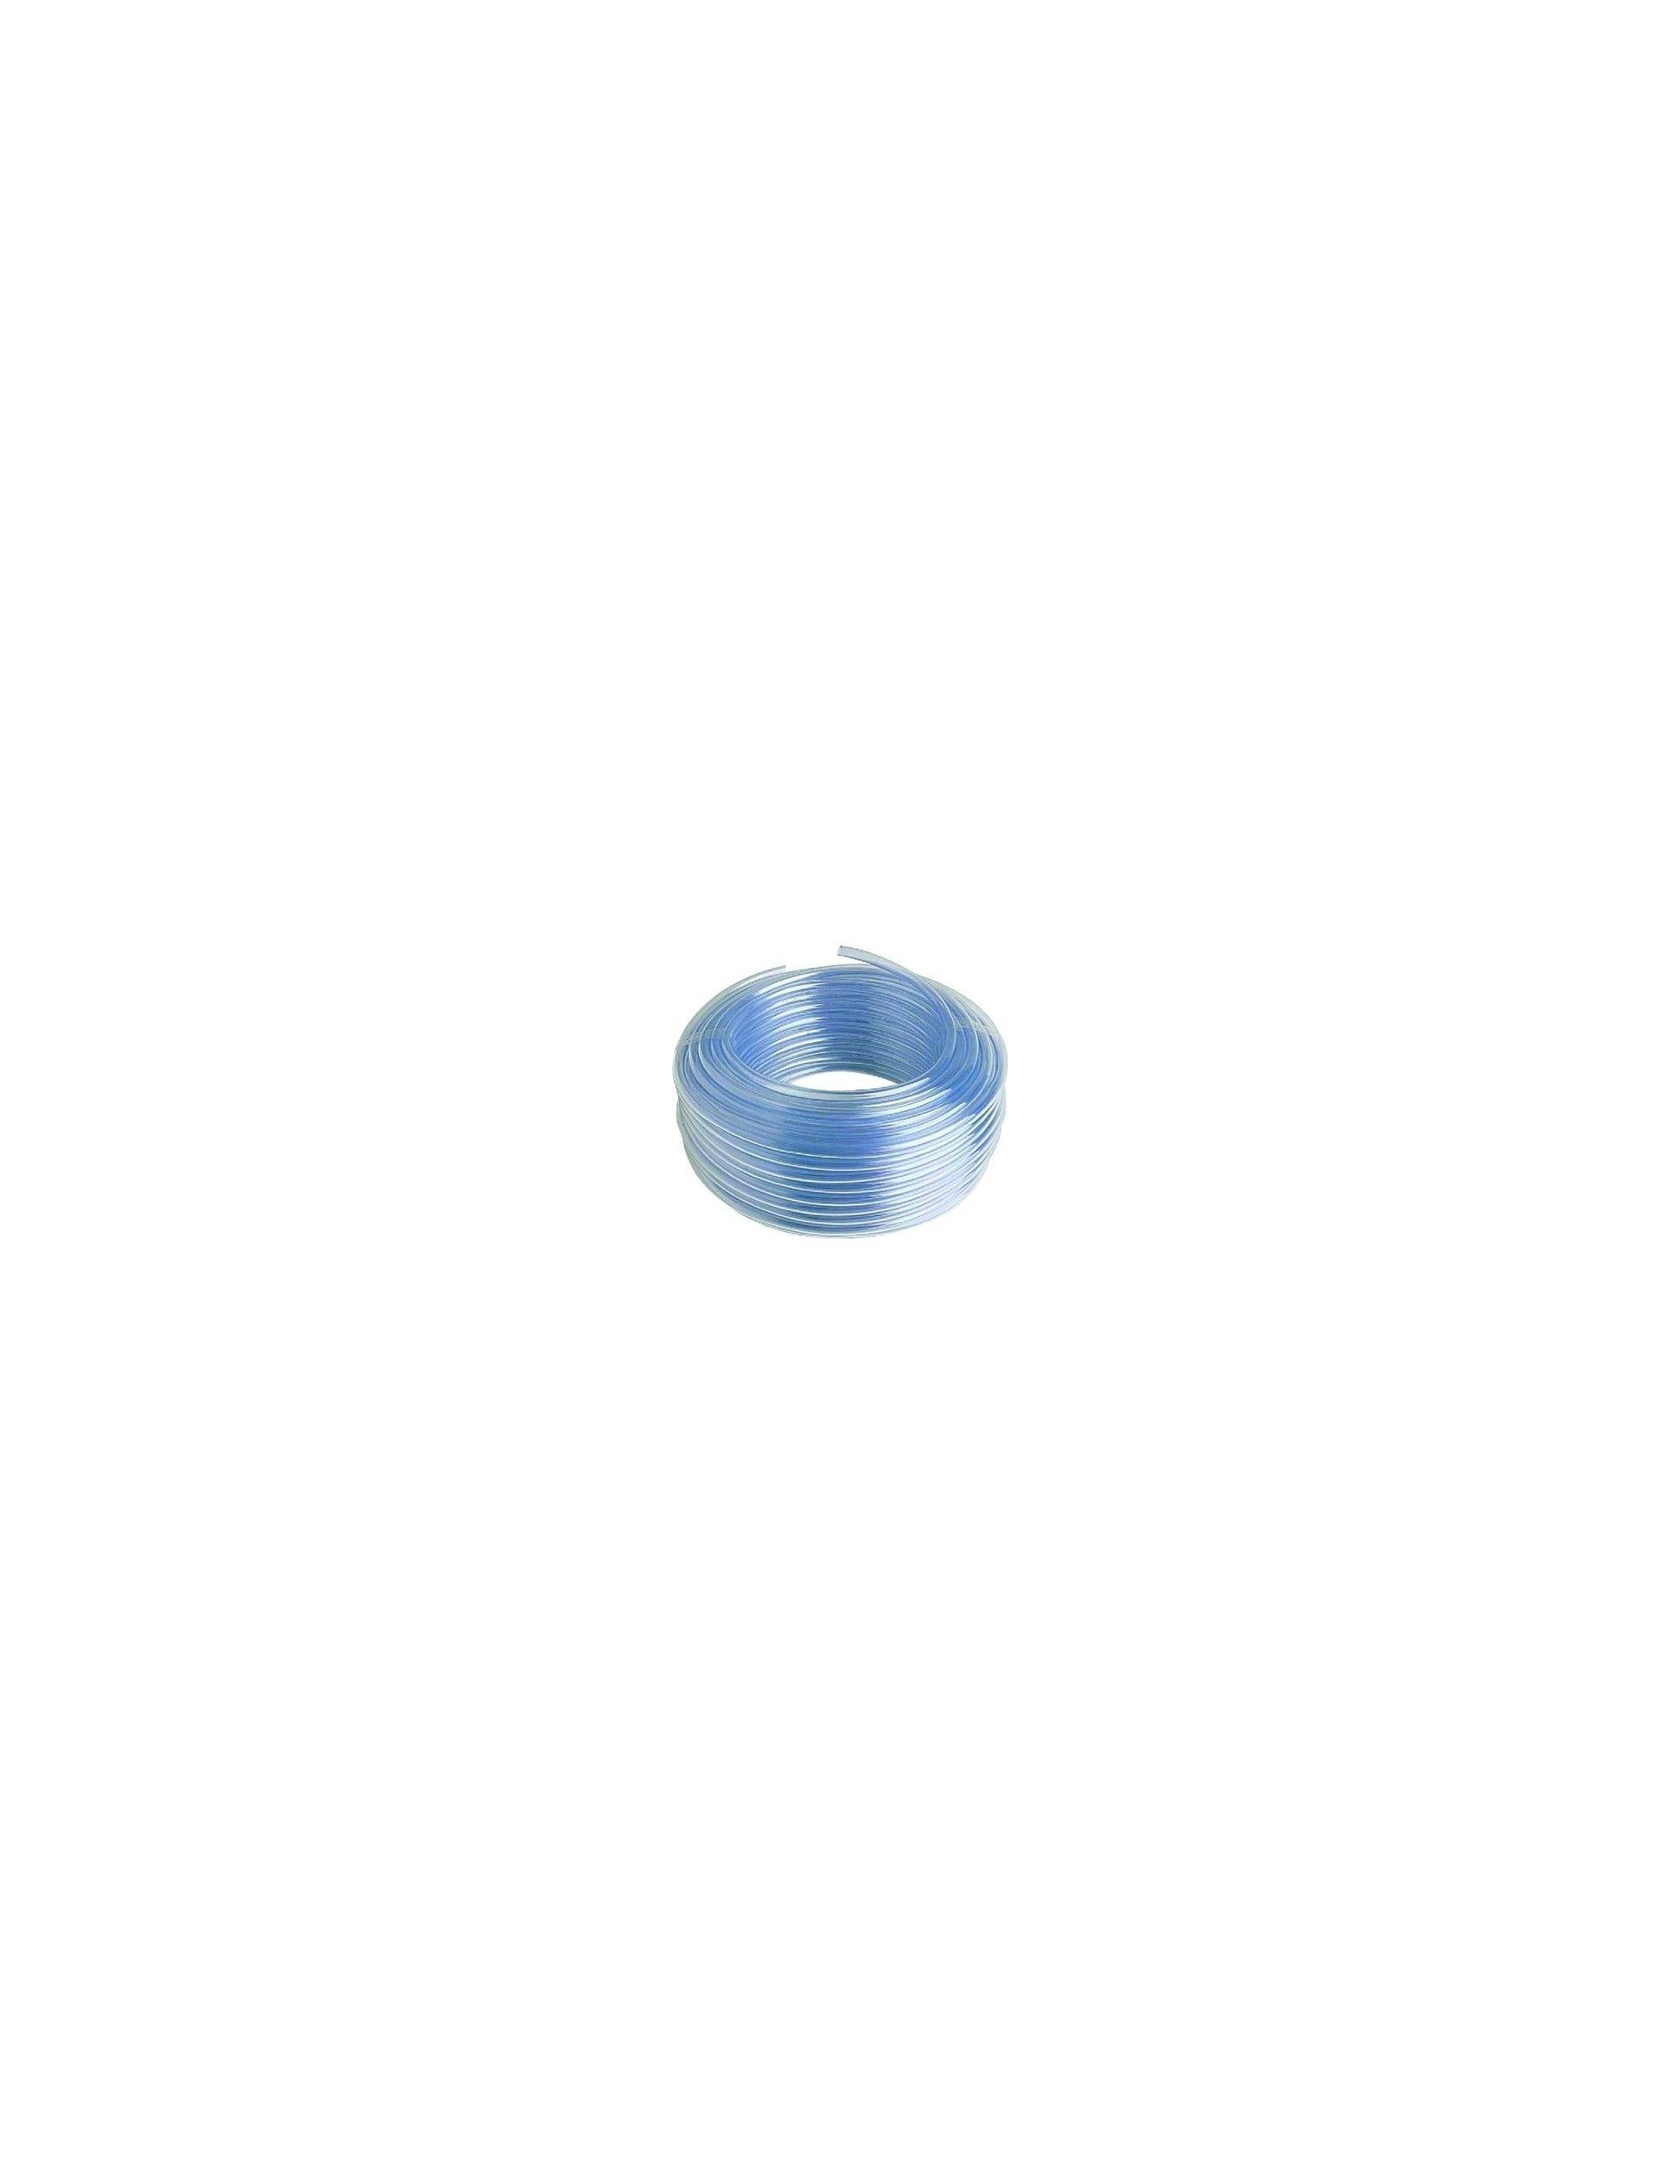 Tuyaux 4/6 transparent - Vendu au métre